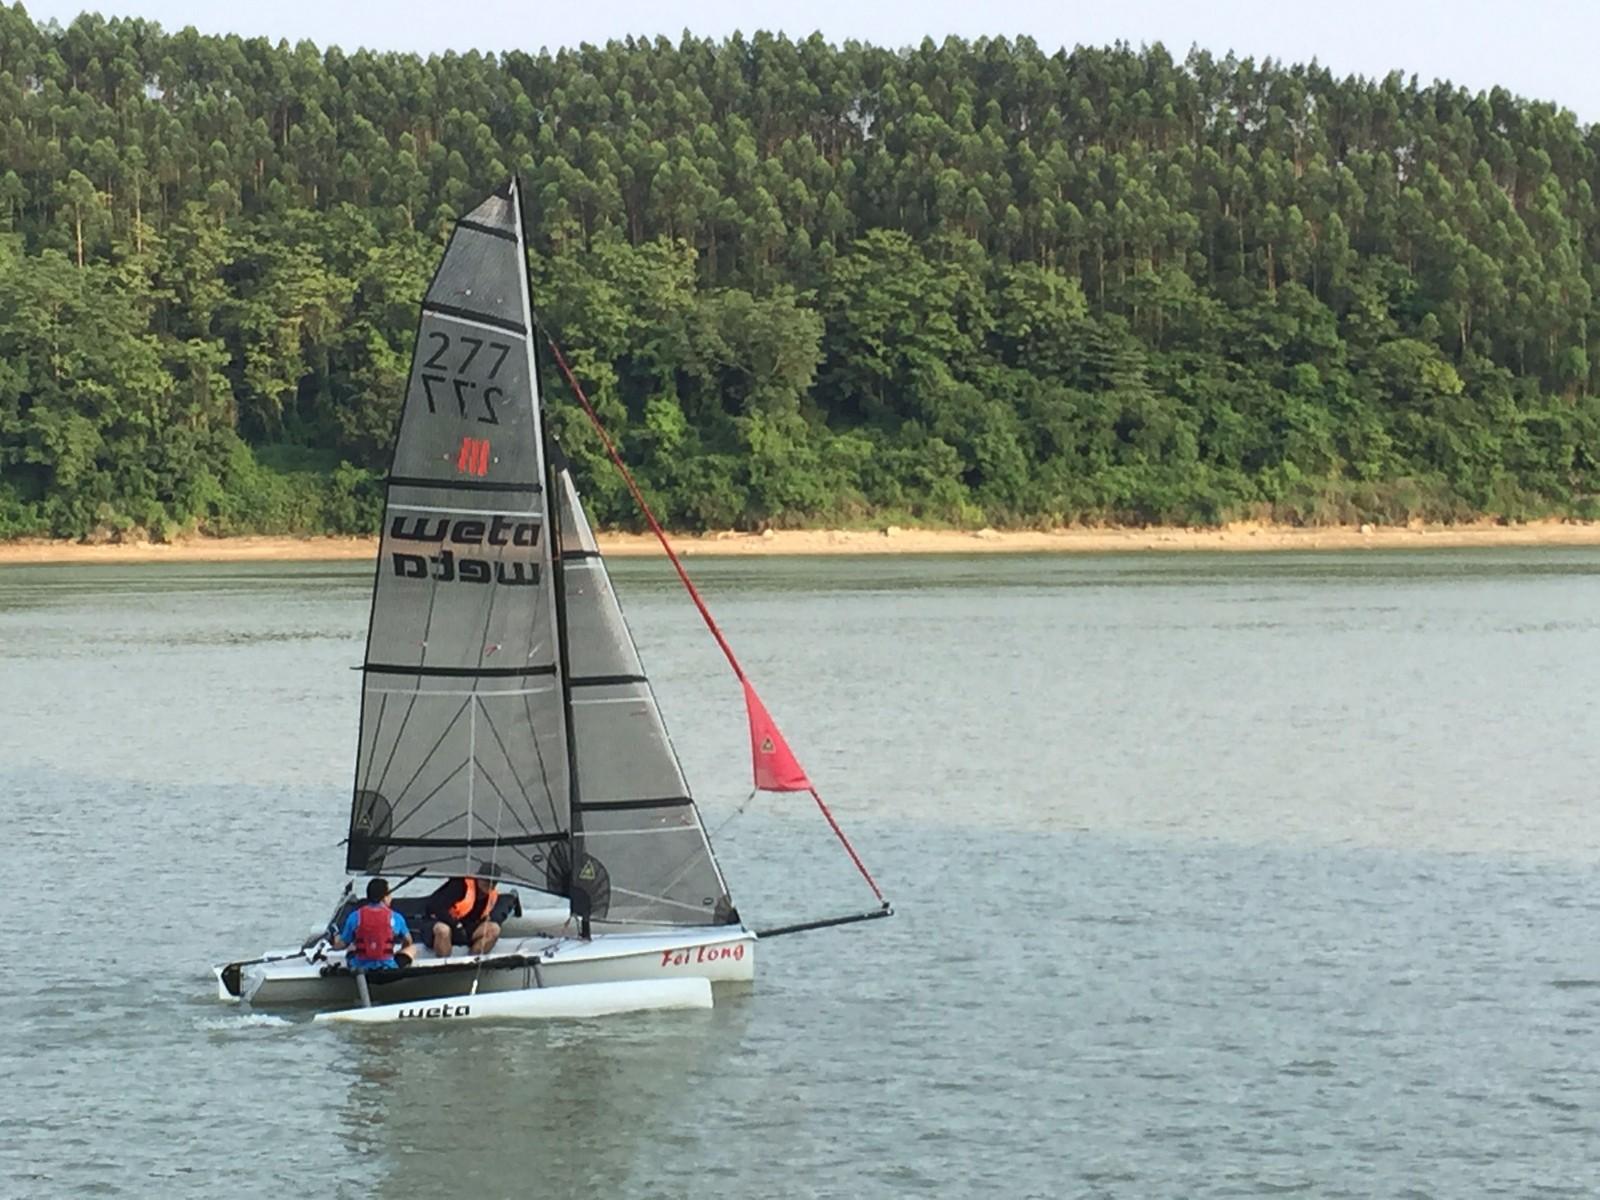 运动型小帆船Hobie 16与 Weta的对比 IPHONEPICUPTO2017-8-311725_看图王.jpg